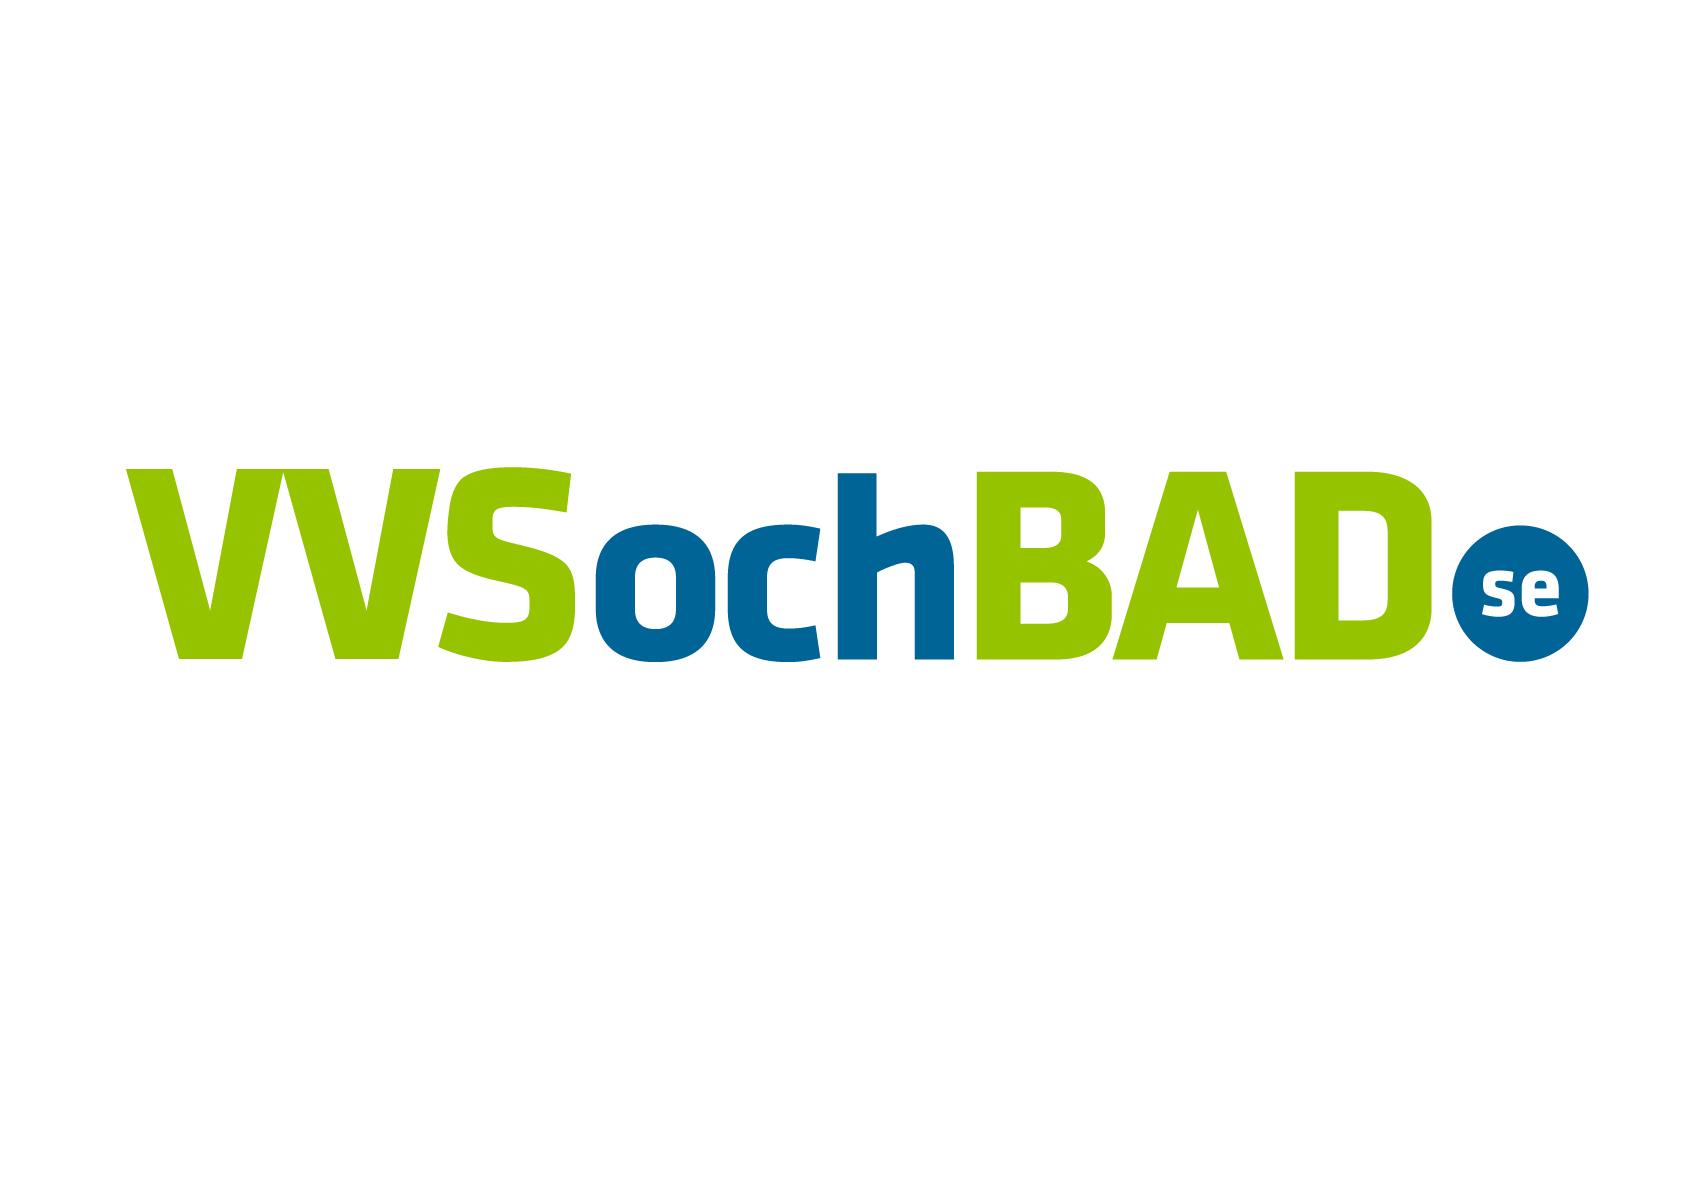 VVS och BAD